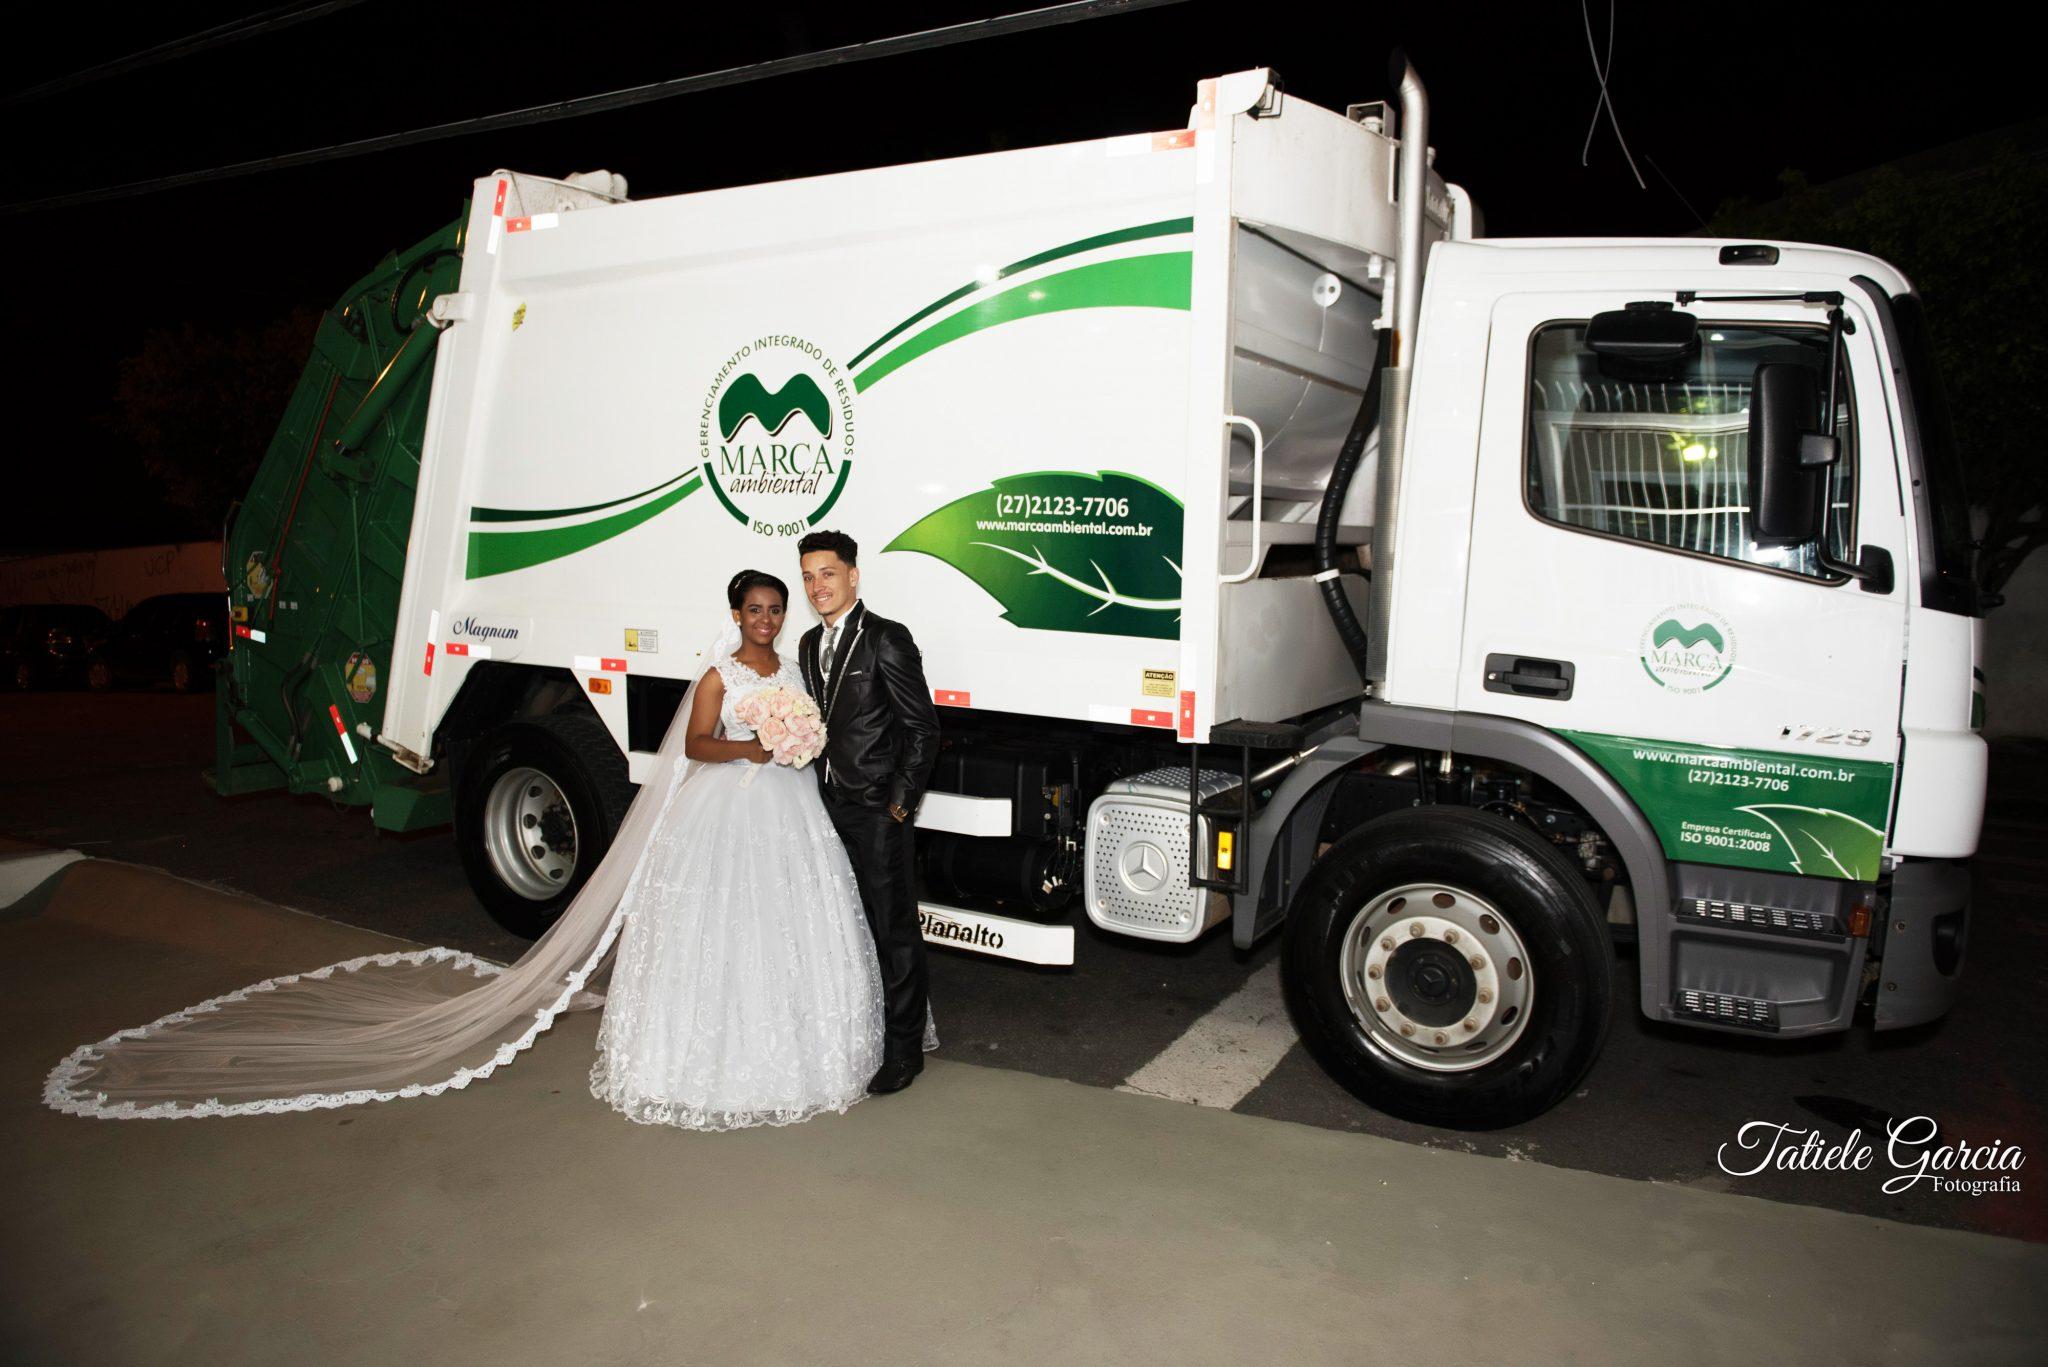 noivo e noiva ao lado caminhão de lixo